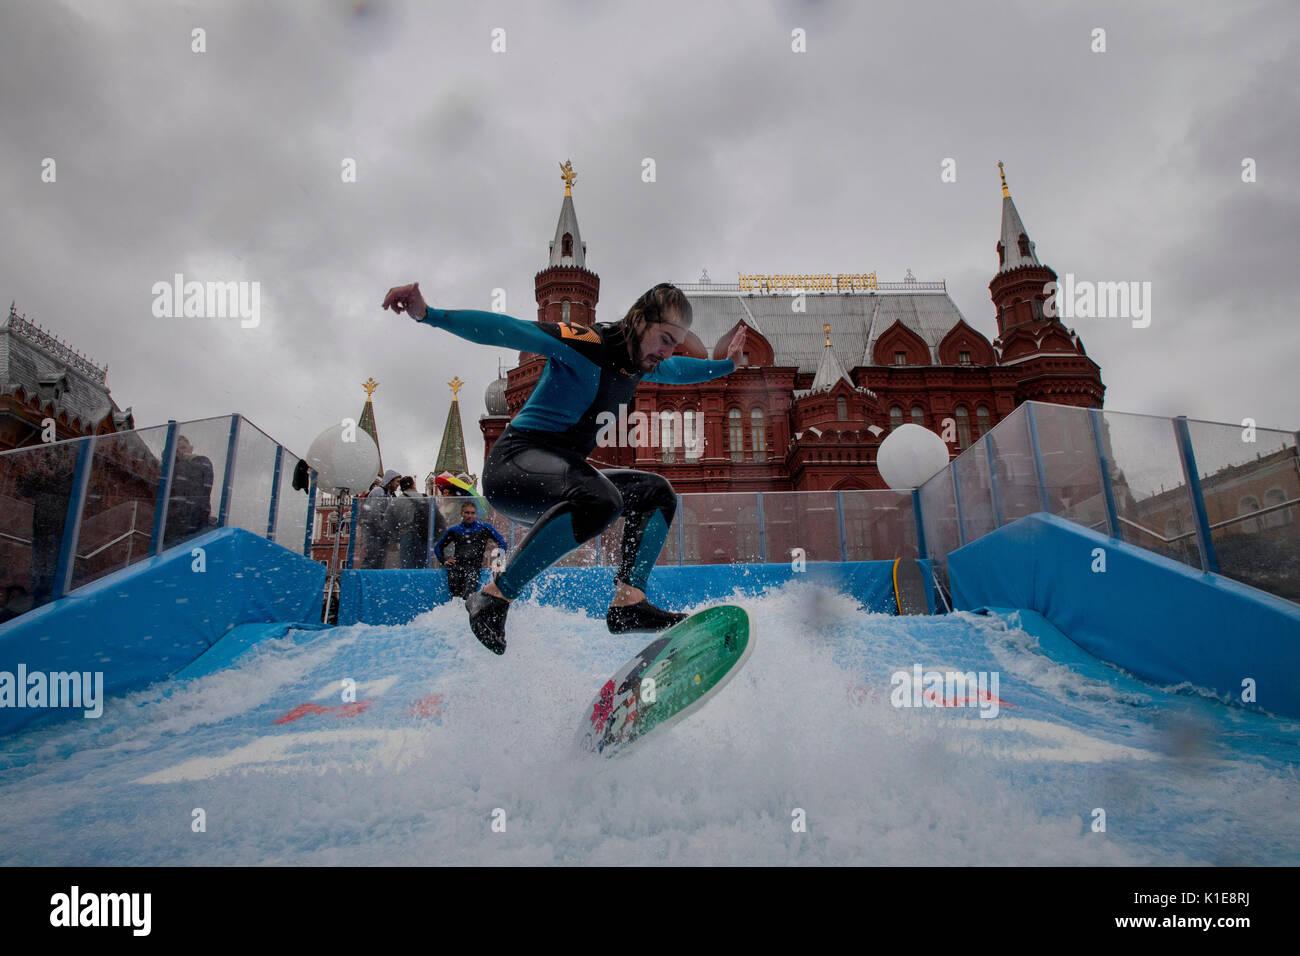 Moscú, Rusia. 25 de agosto de 2017. Un hombre salta sobre flowboard en frente de la plaza roja en el centro Imagen De Stock